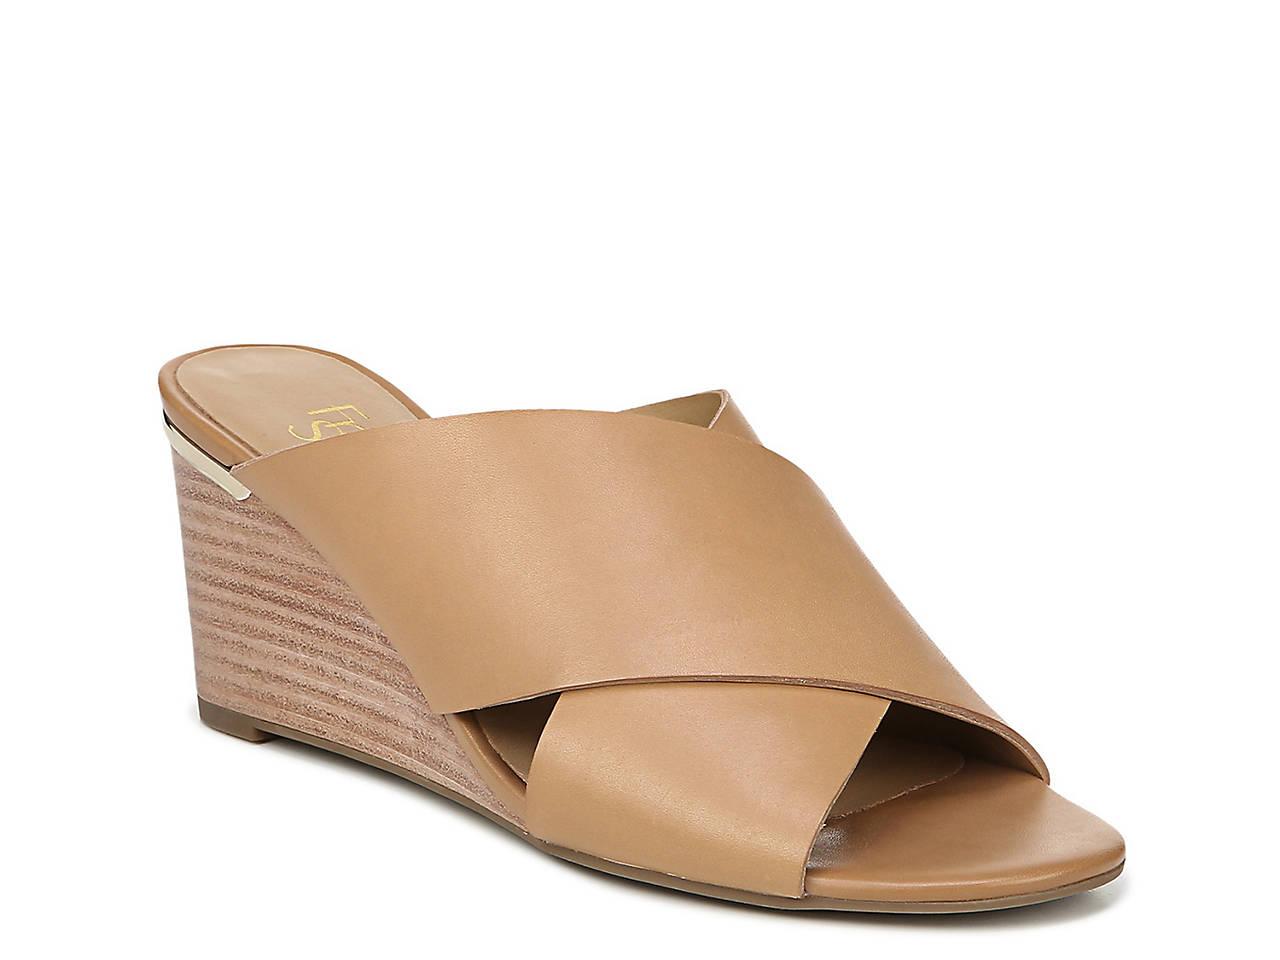 11ac86d3089 Franco Sarto Memphis Wedge Sandal Men s Shoes